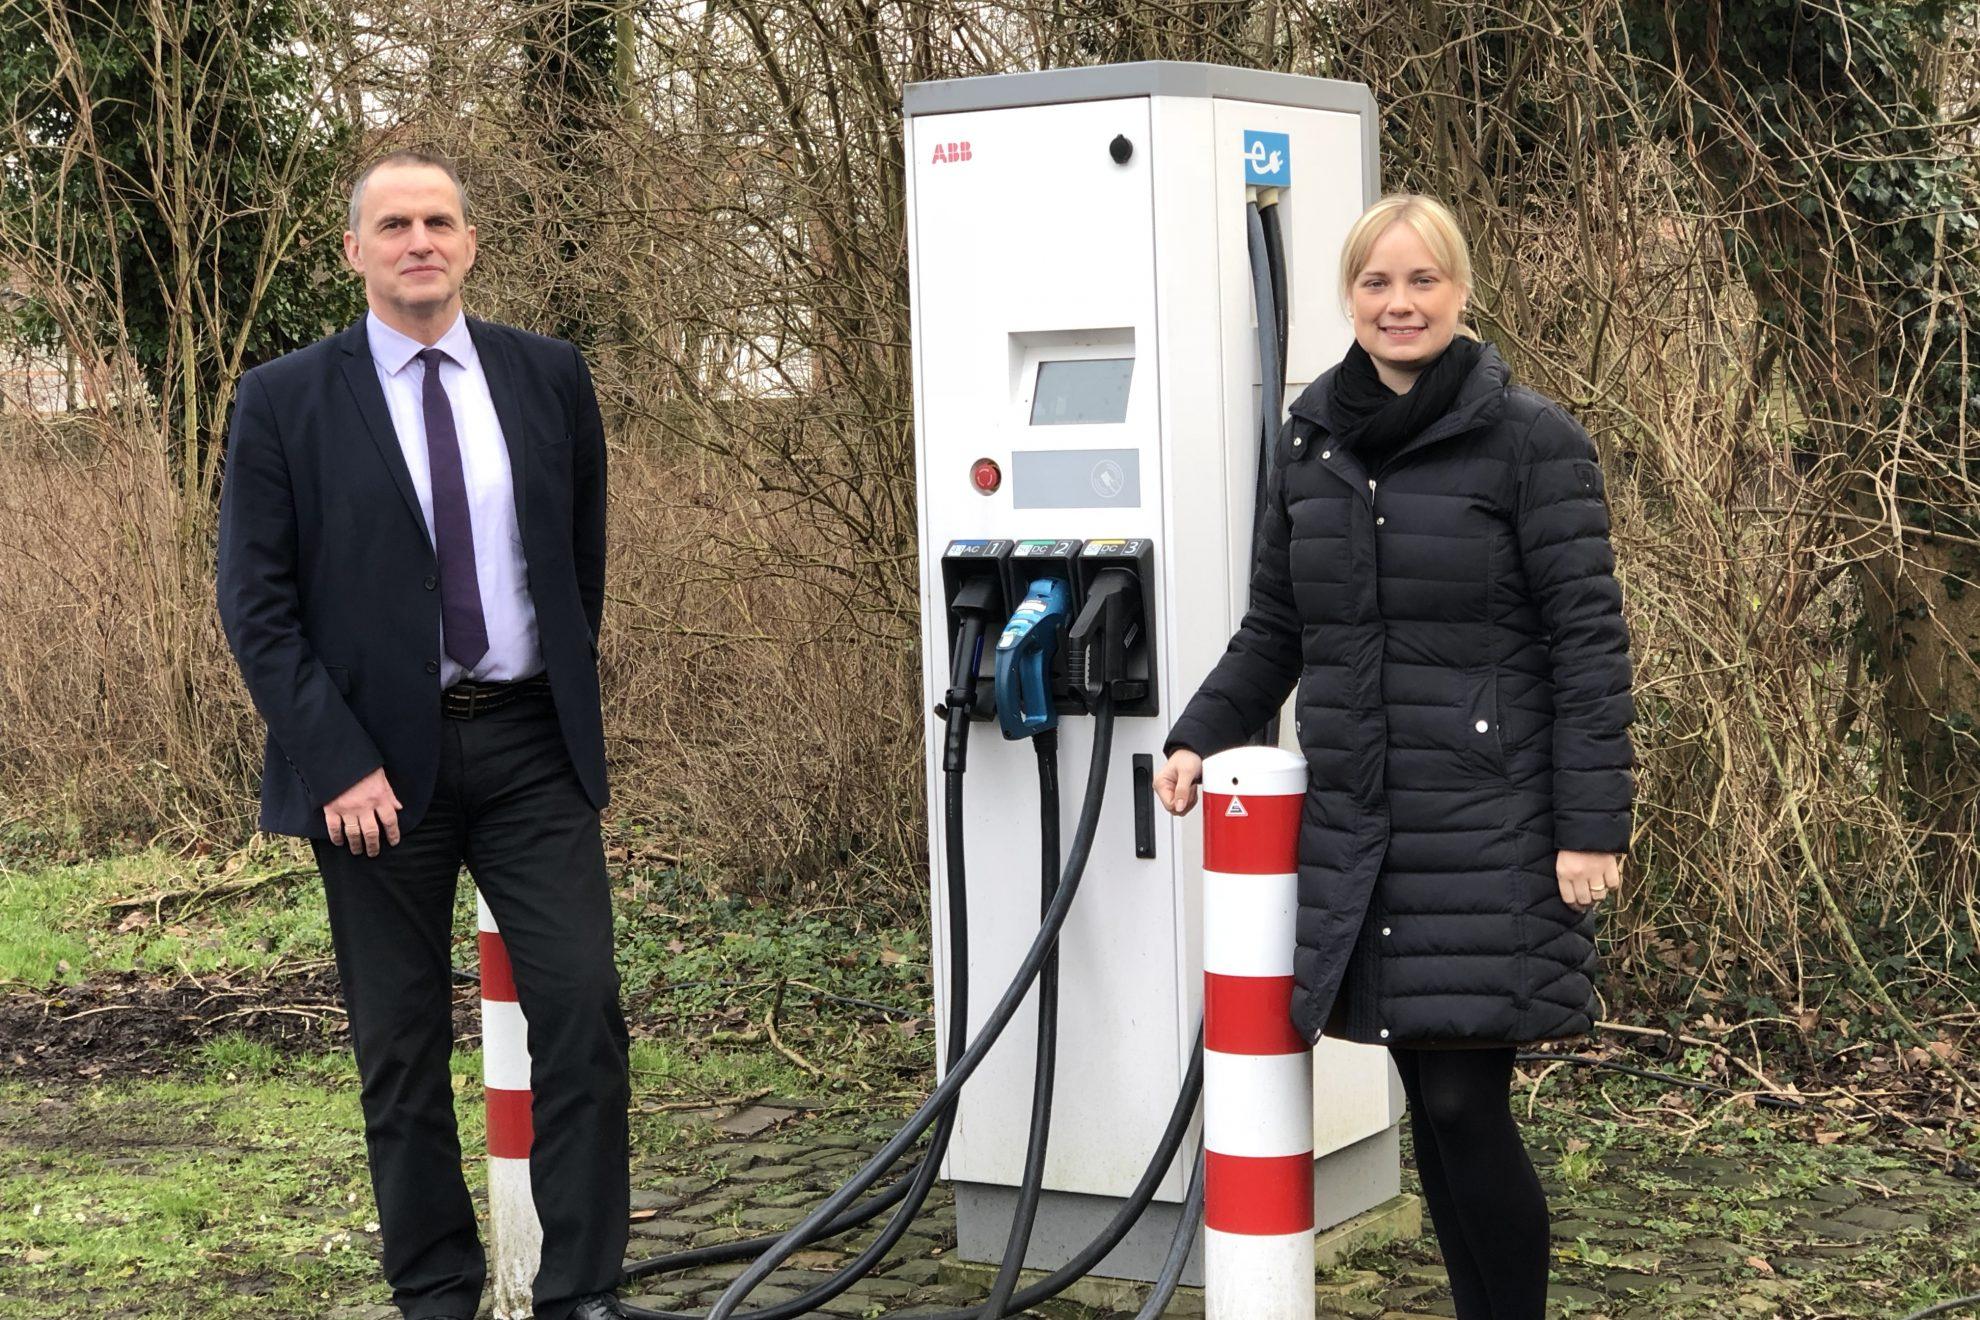 Bürgermeister Weber und Bundestagsabgeordnete Völlers neben einer Ladestation für E-Fahrzeuge